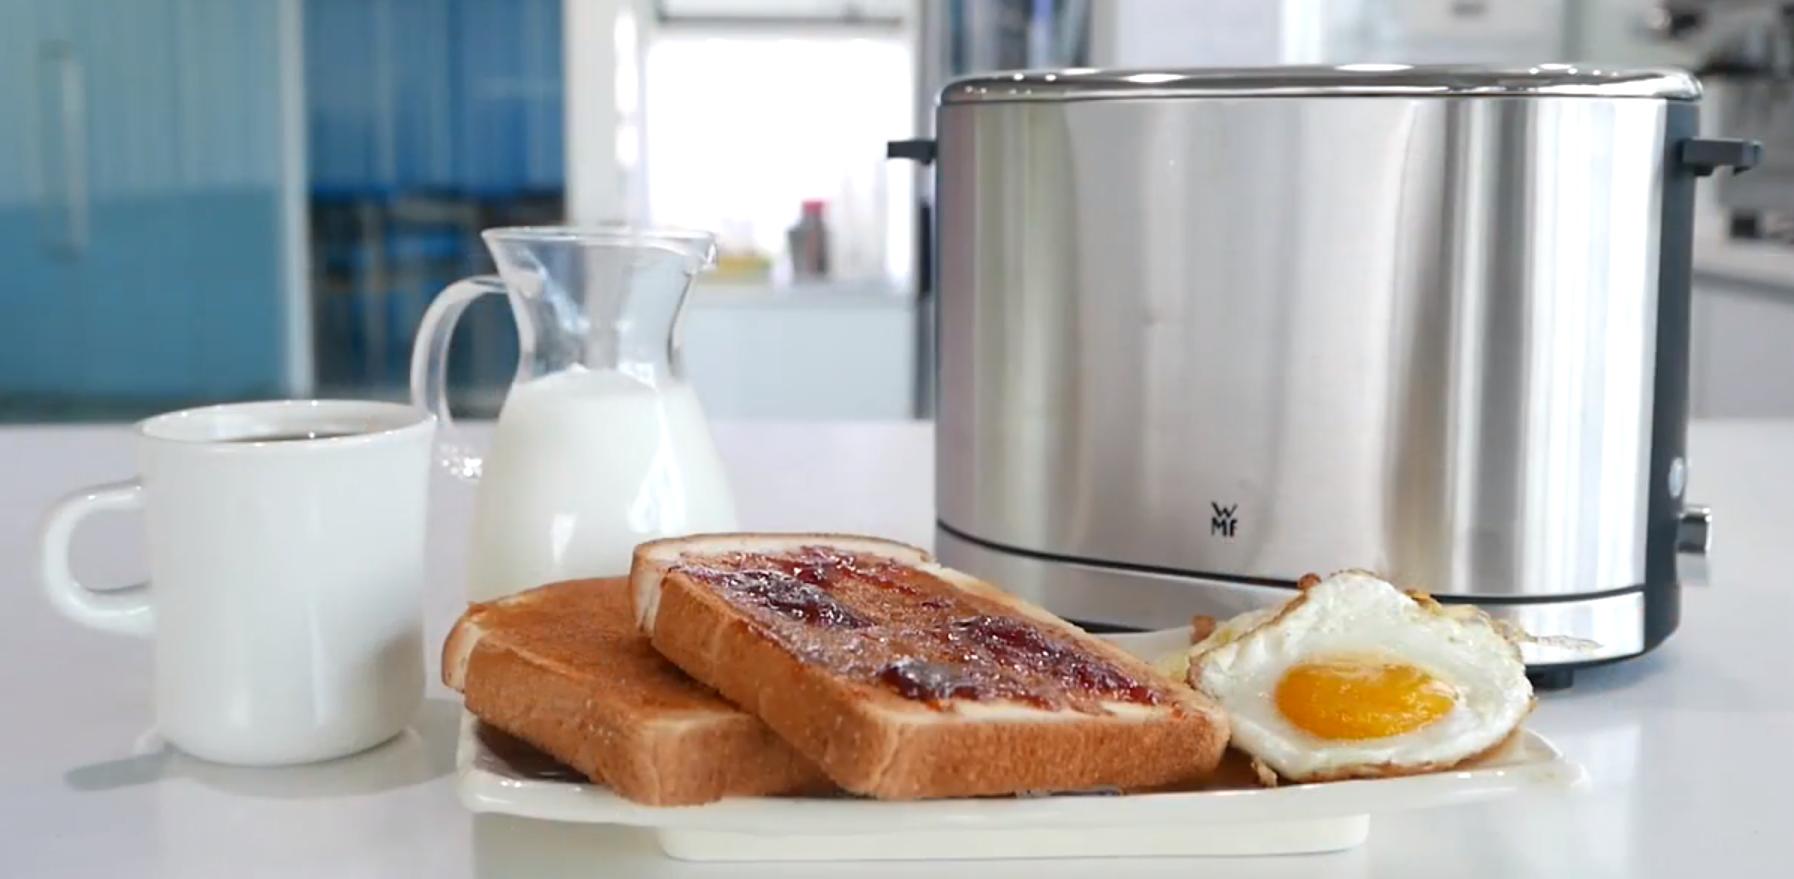 Sở hữu ngay một bữa sáng dinh dưỡng chỉ sau 5 phút với Máy nướng Bánh Mì WMF Lono Toaster